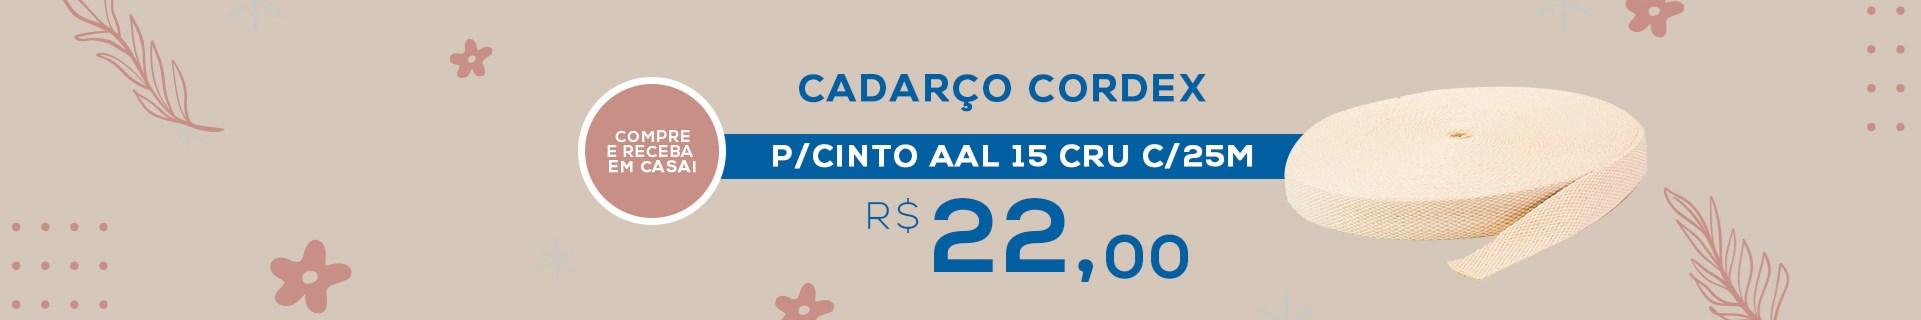 CADARCO CORDEX P/CINTO AAL 15 CRU C/25M